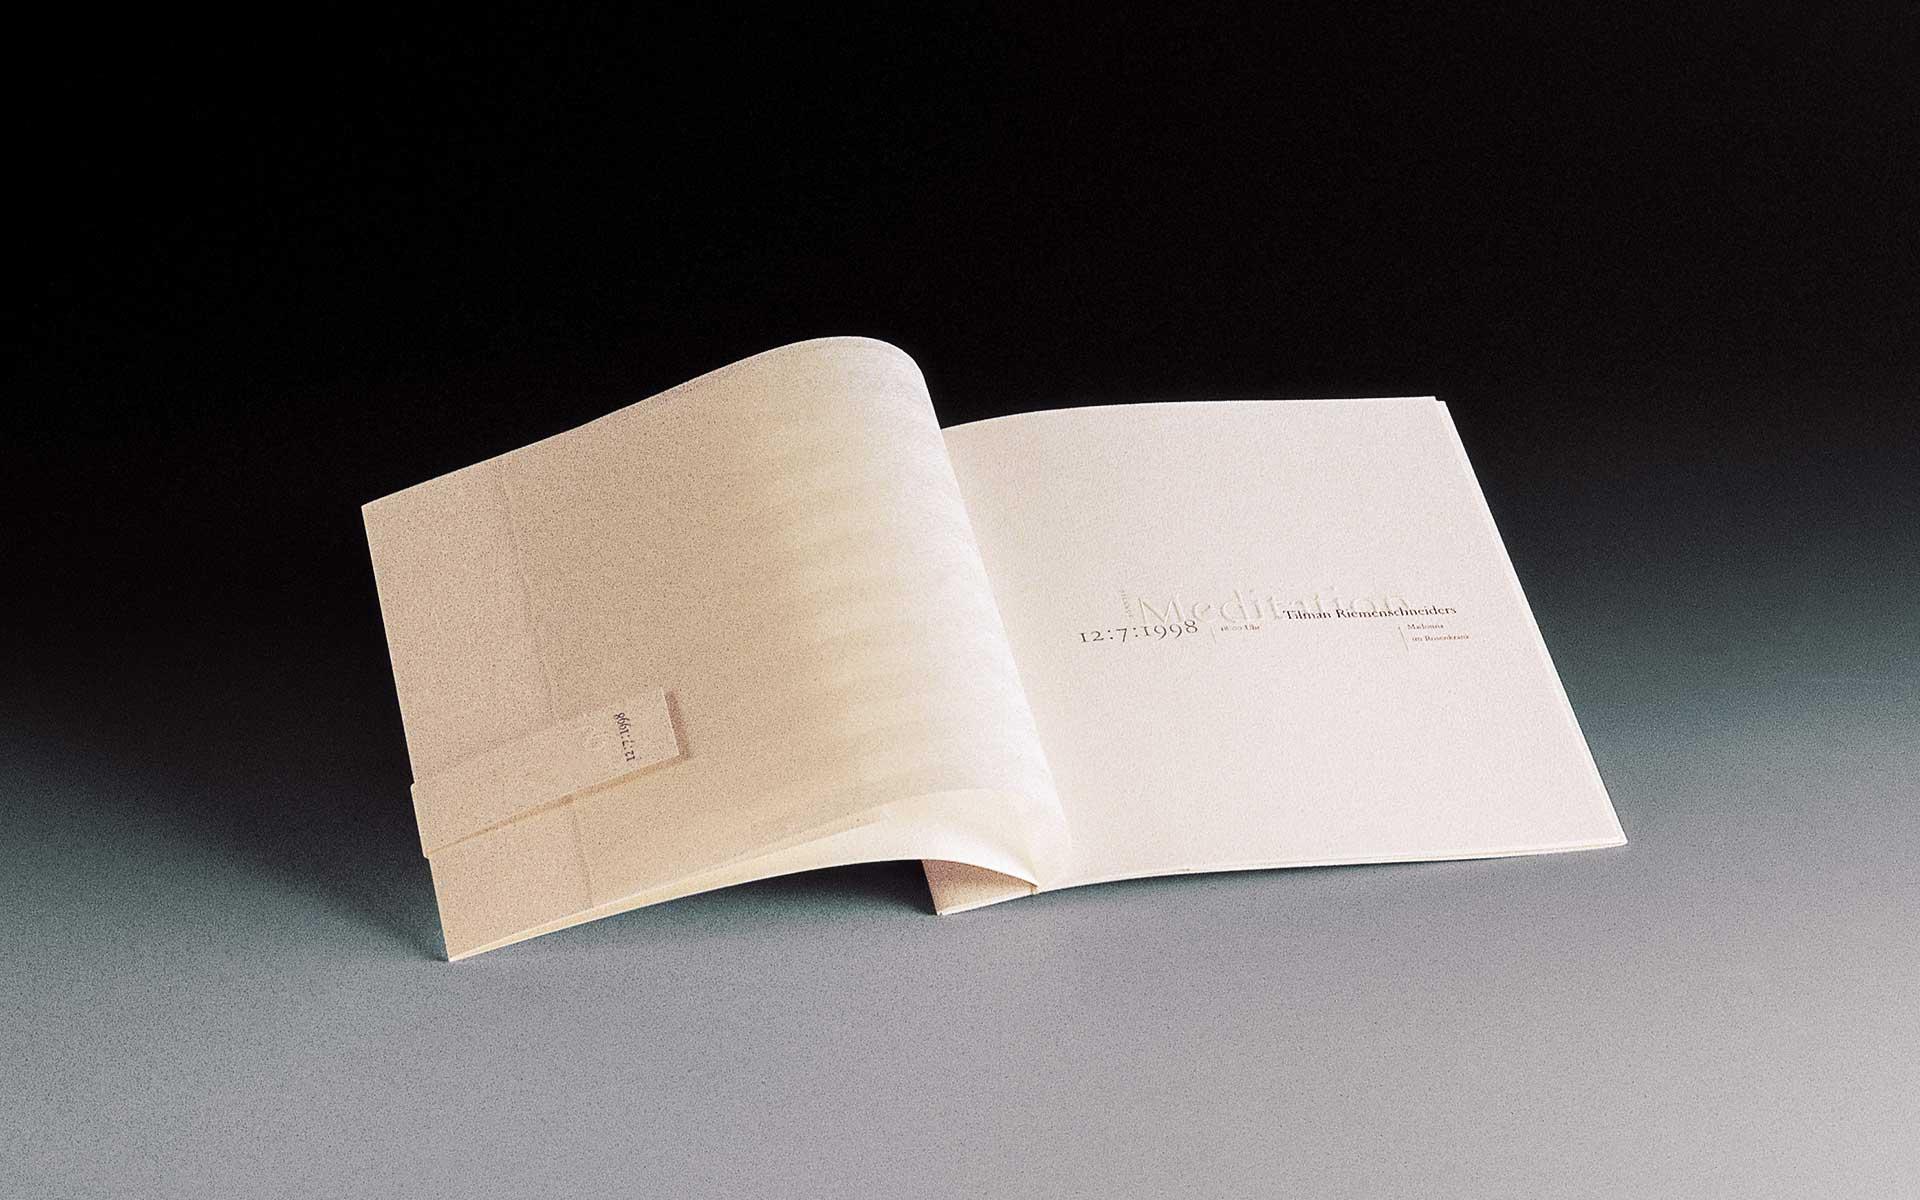 HypoVereinsbank, Doppelseite der Einladung »Meditation in Worten und Tönen« des Vorstandsvorsitzenden (CEO).